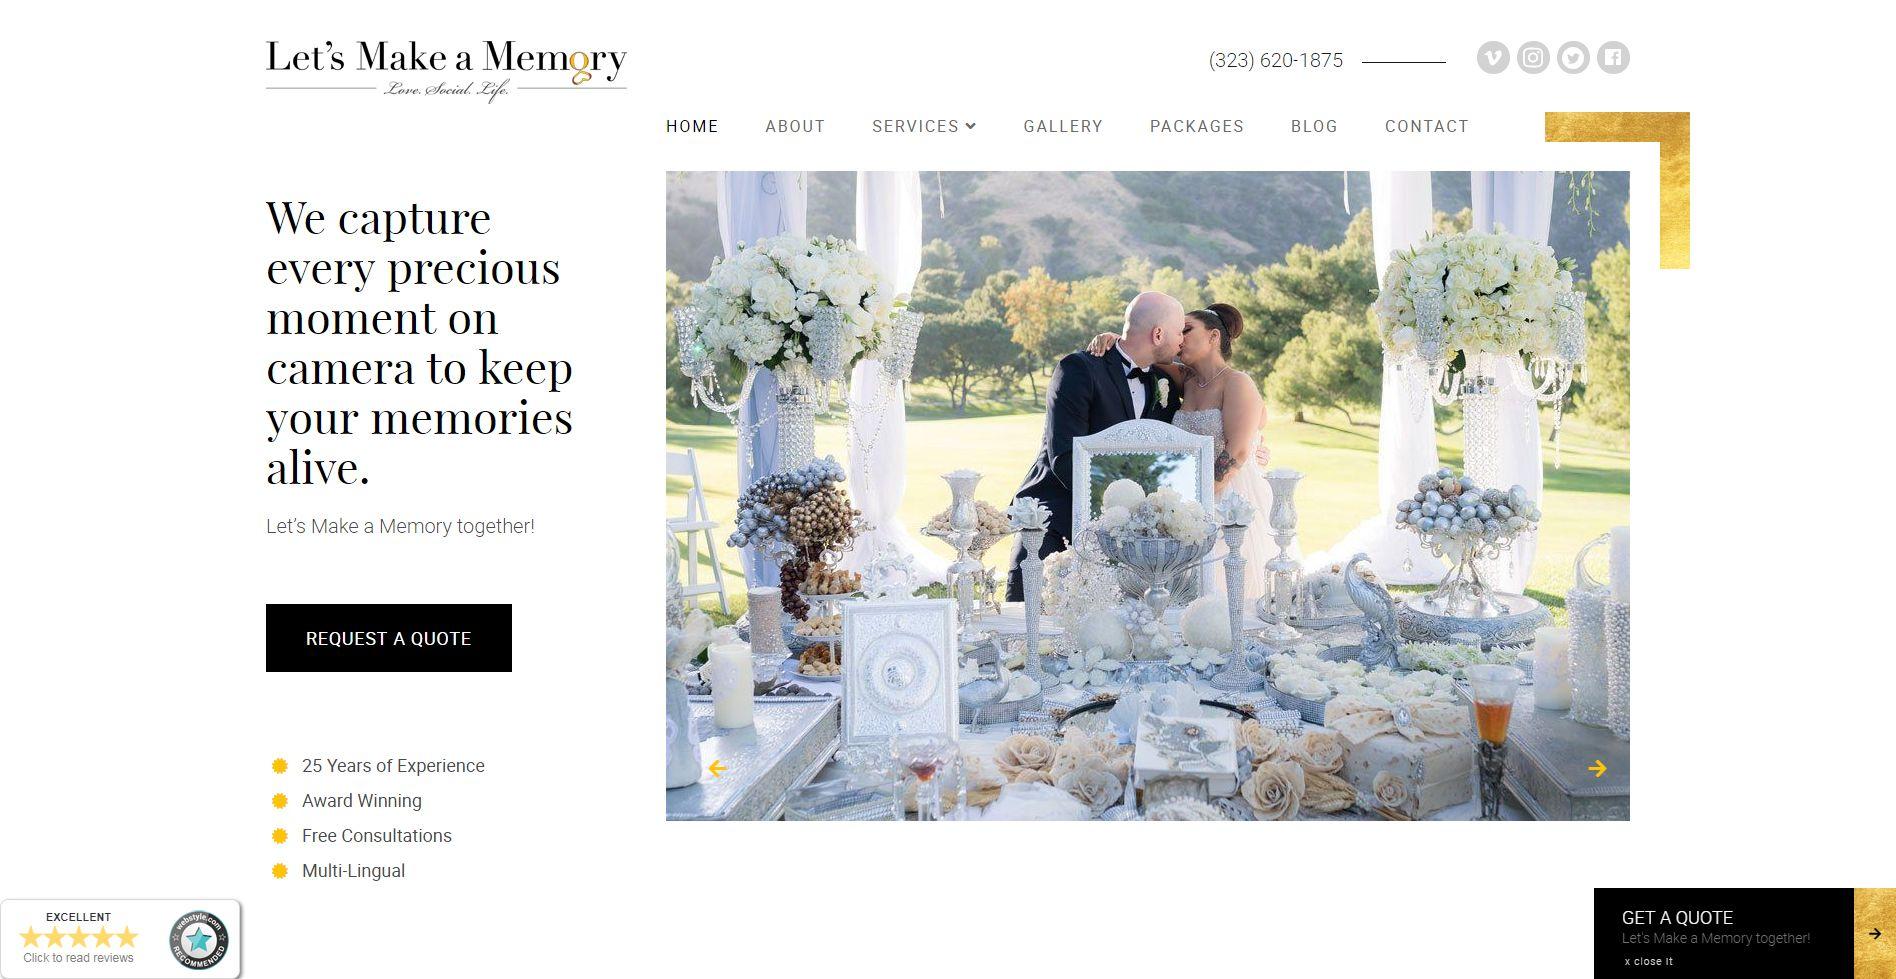 Let's Make a Memory Website